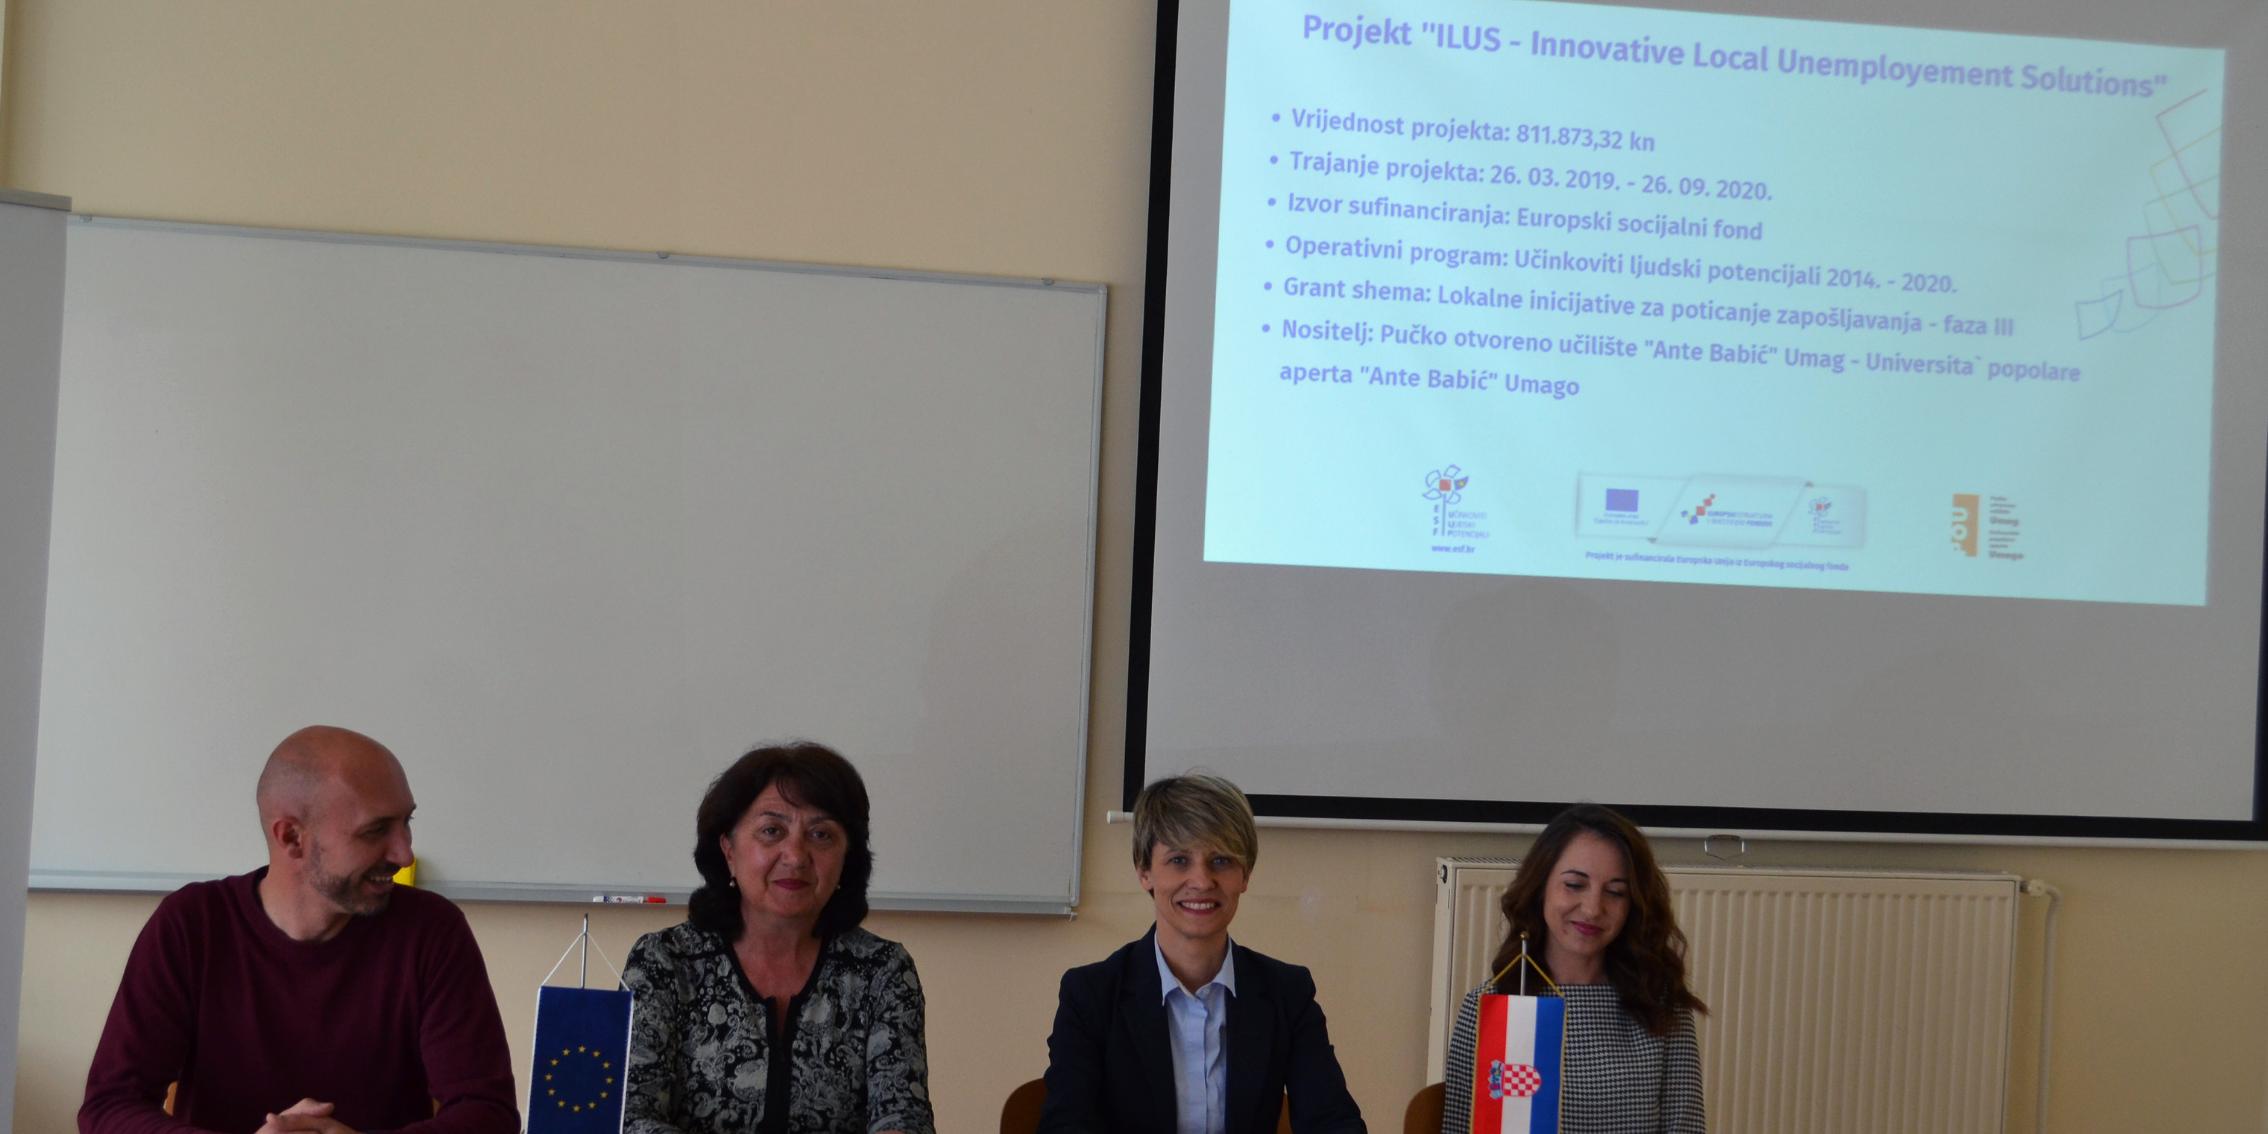 Održana početna konferencija i predstavljanje projekta ILUS